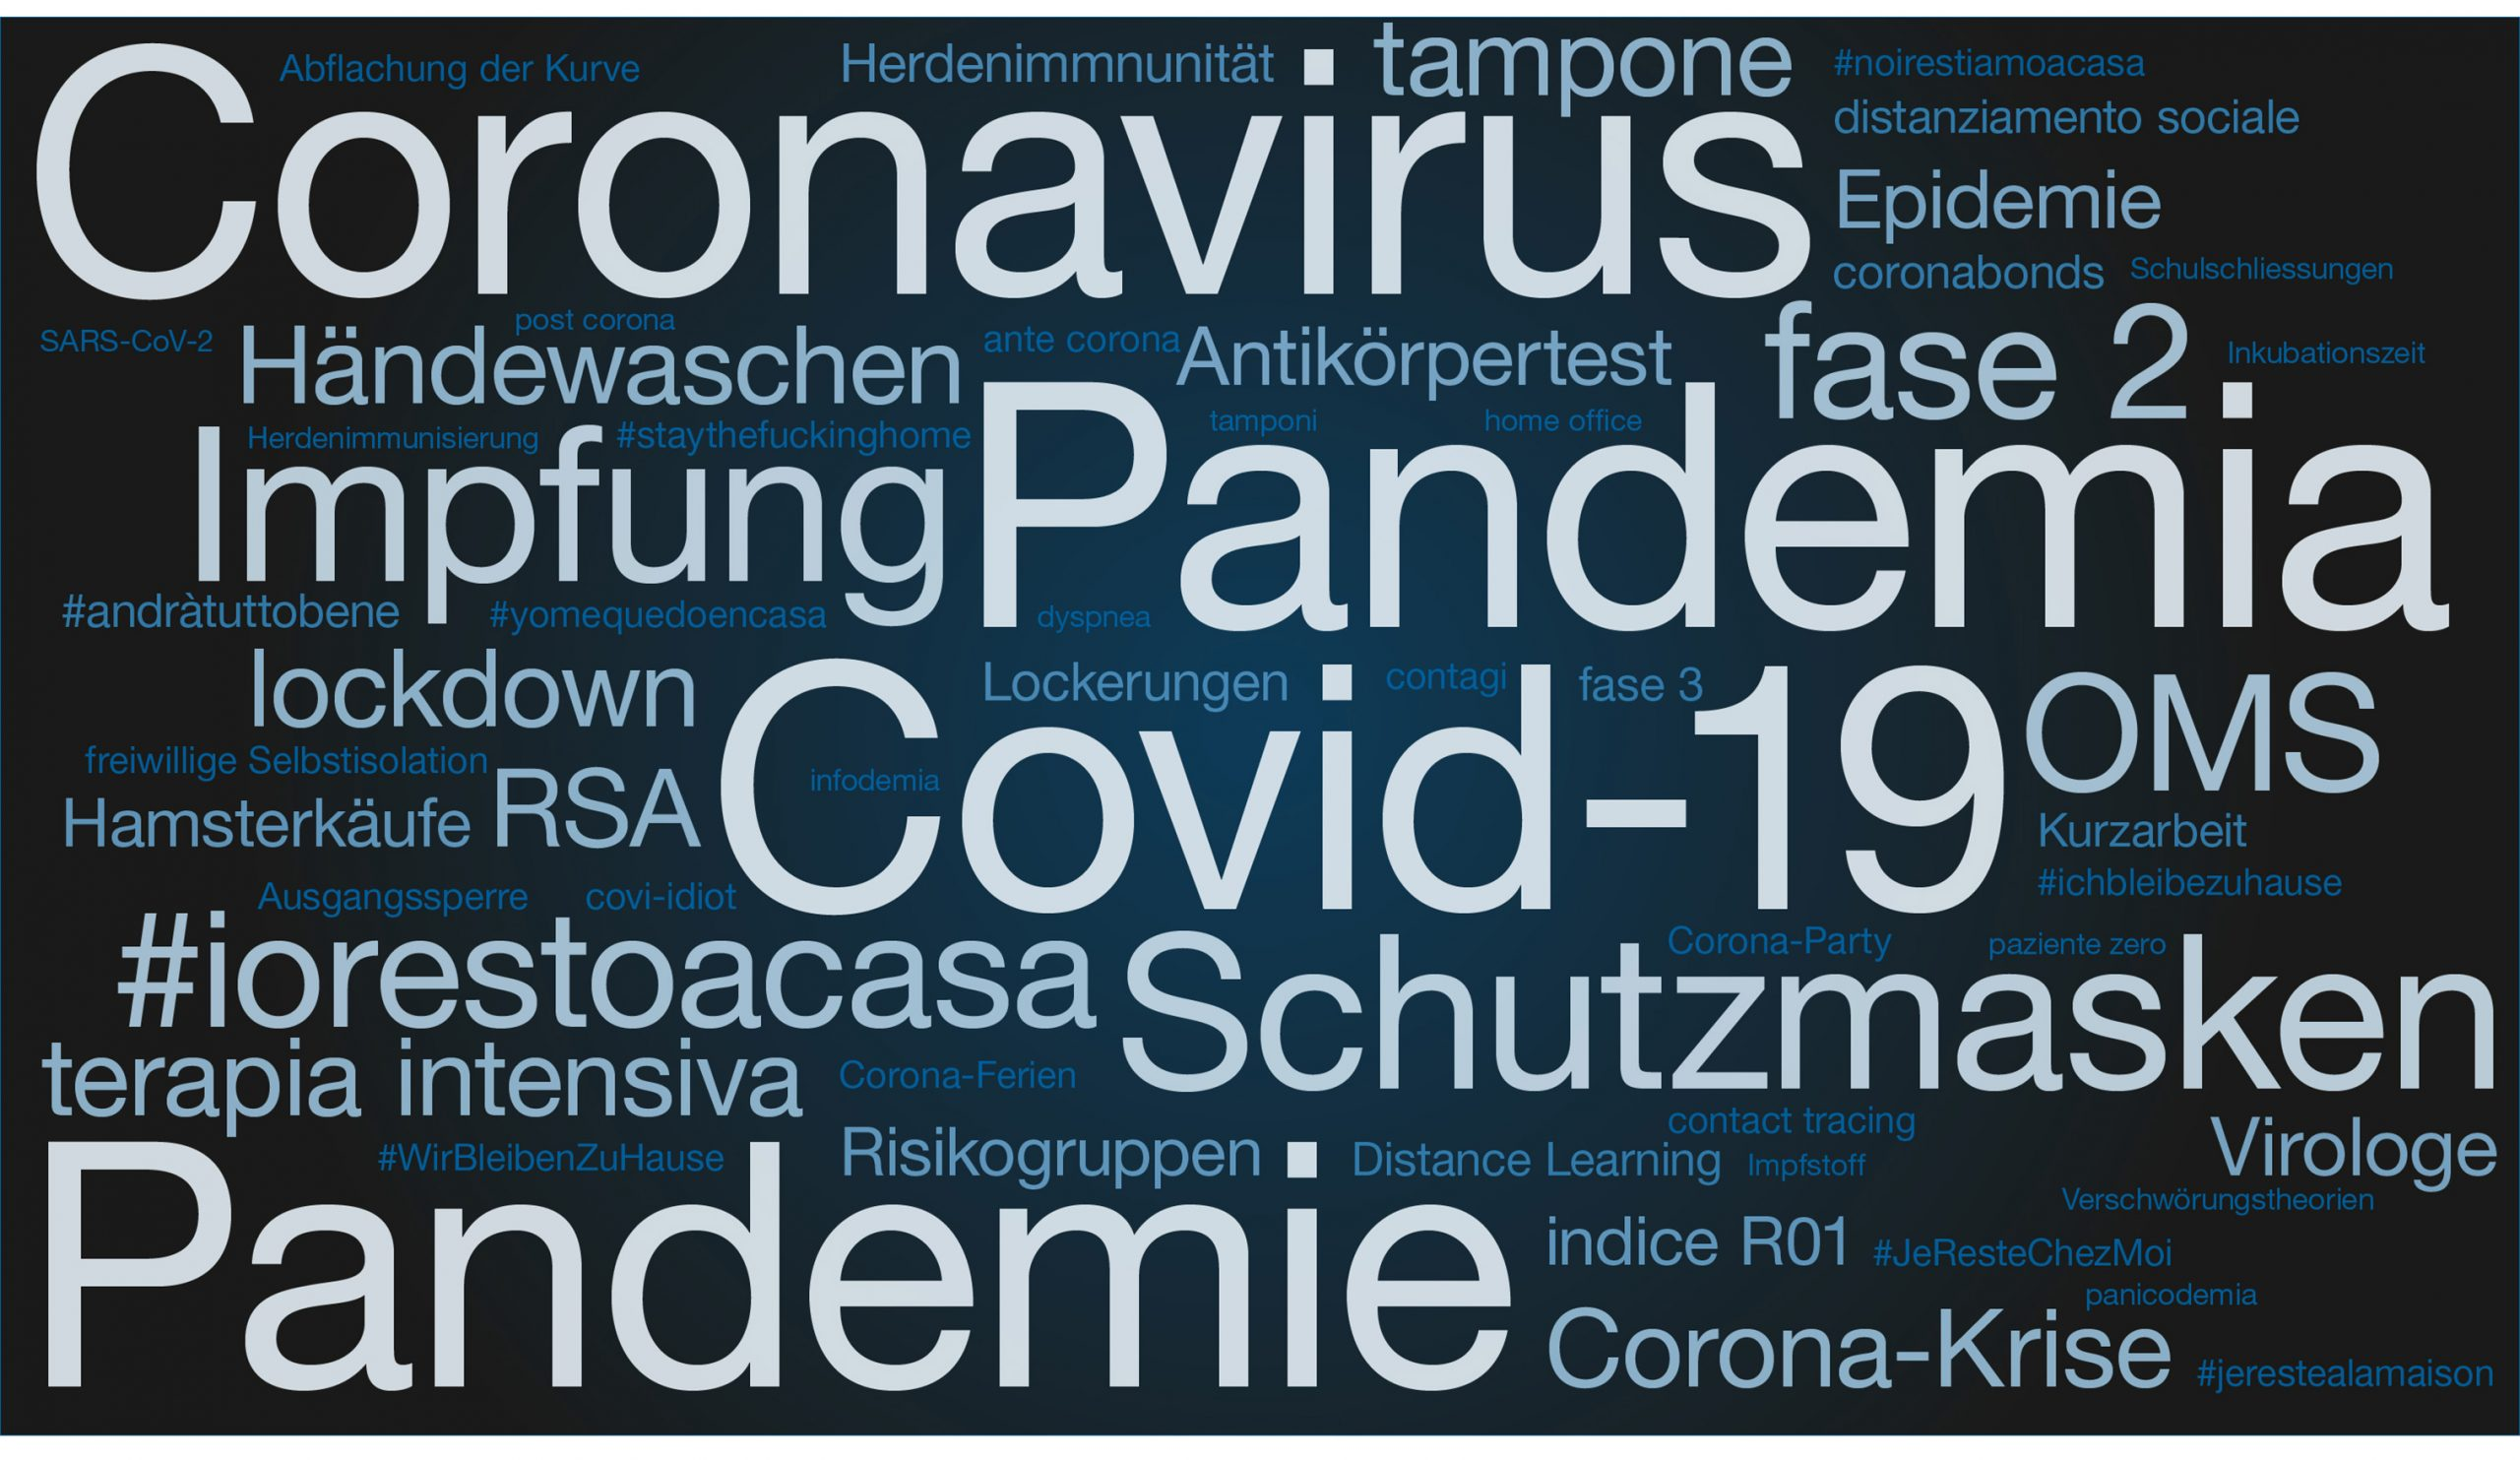 Wortcollage auf dunkelblauem Hintergrund zum Thema Covid-19